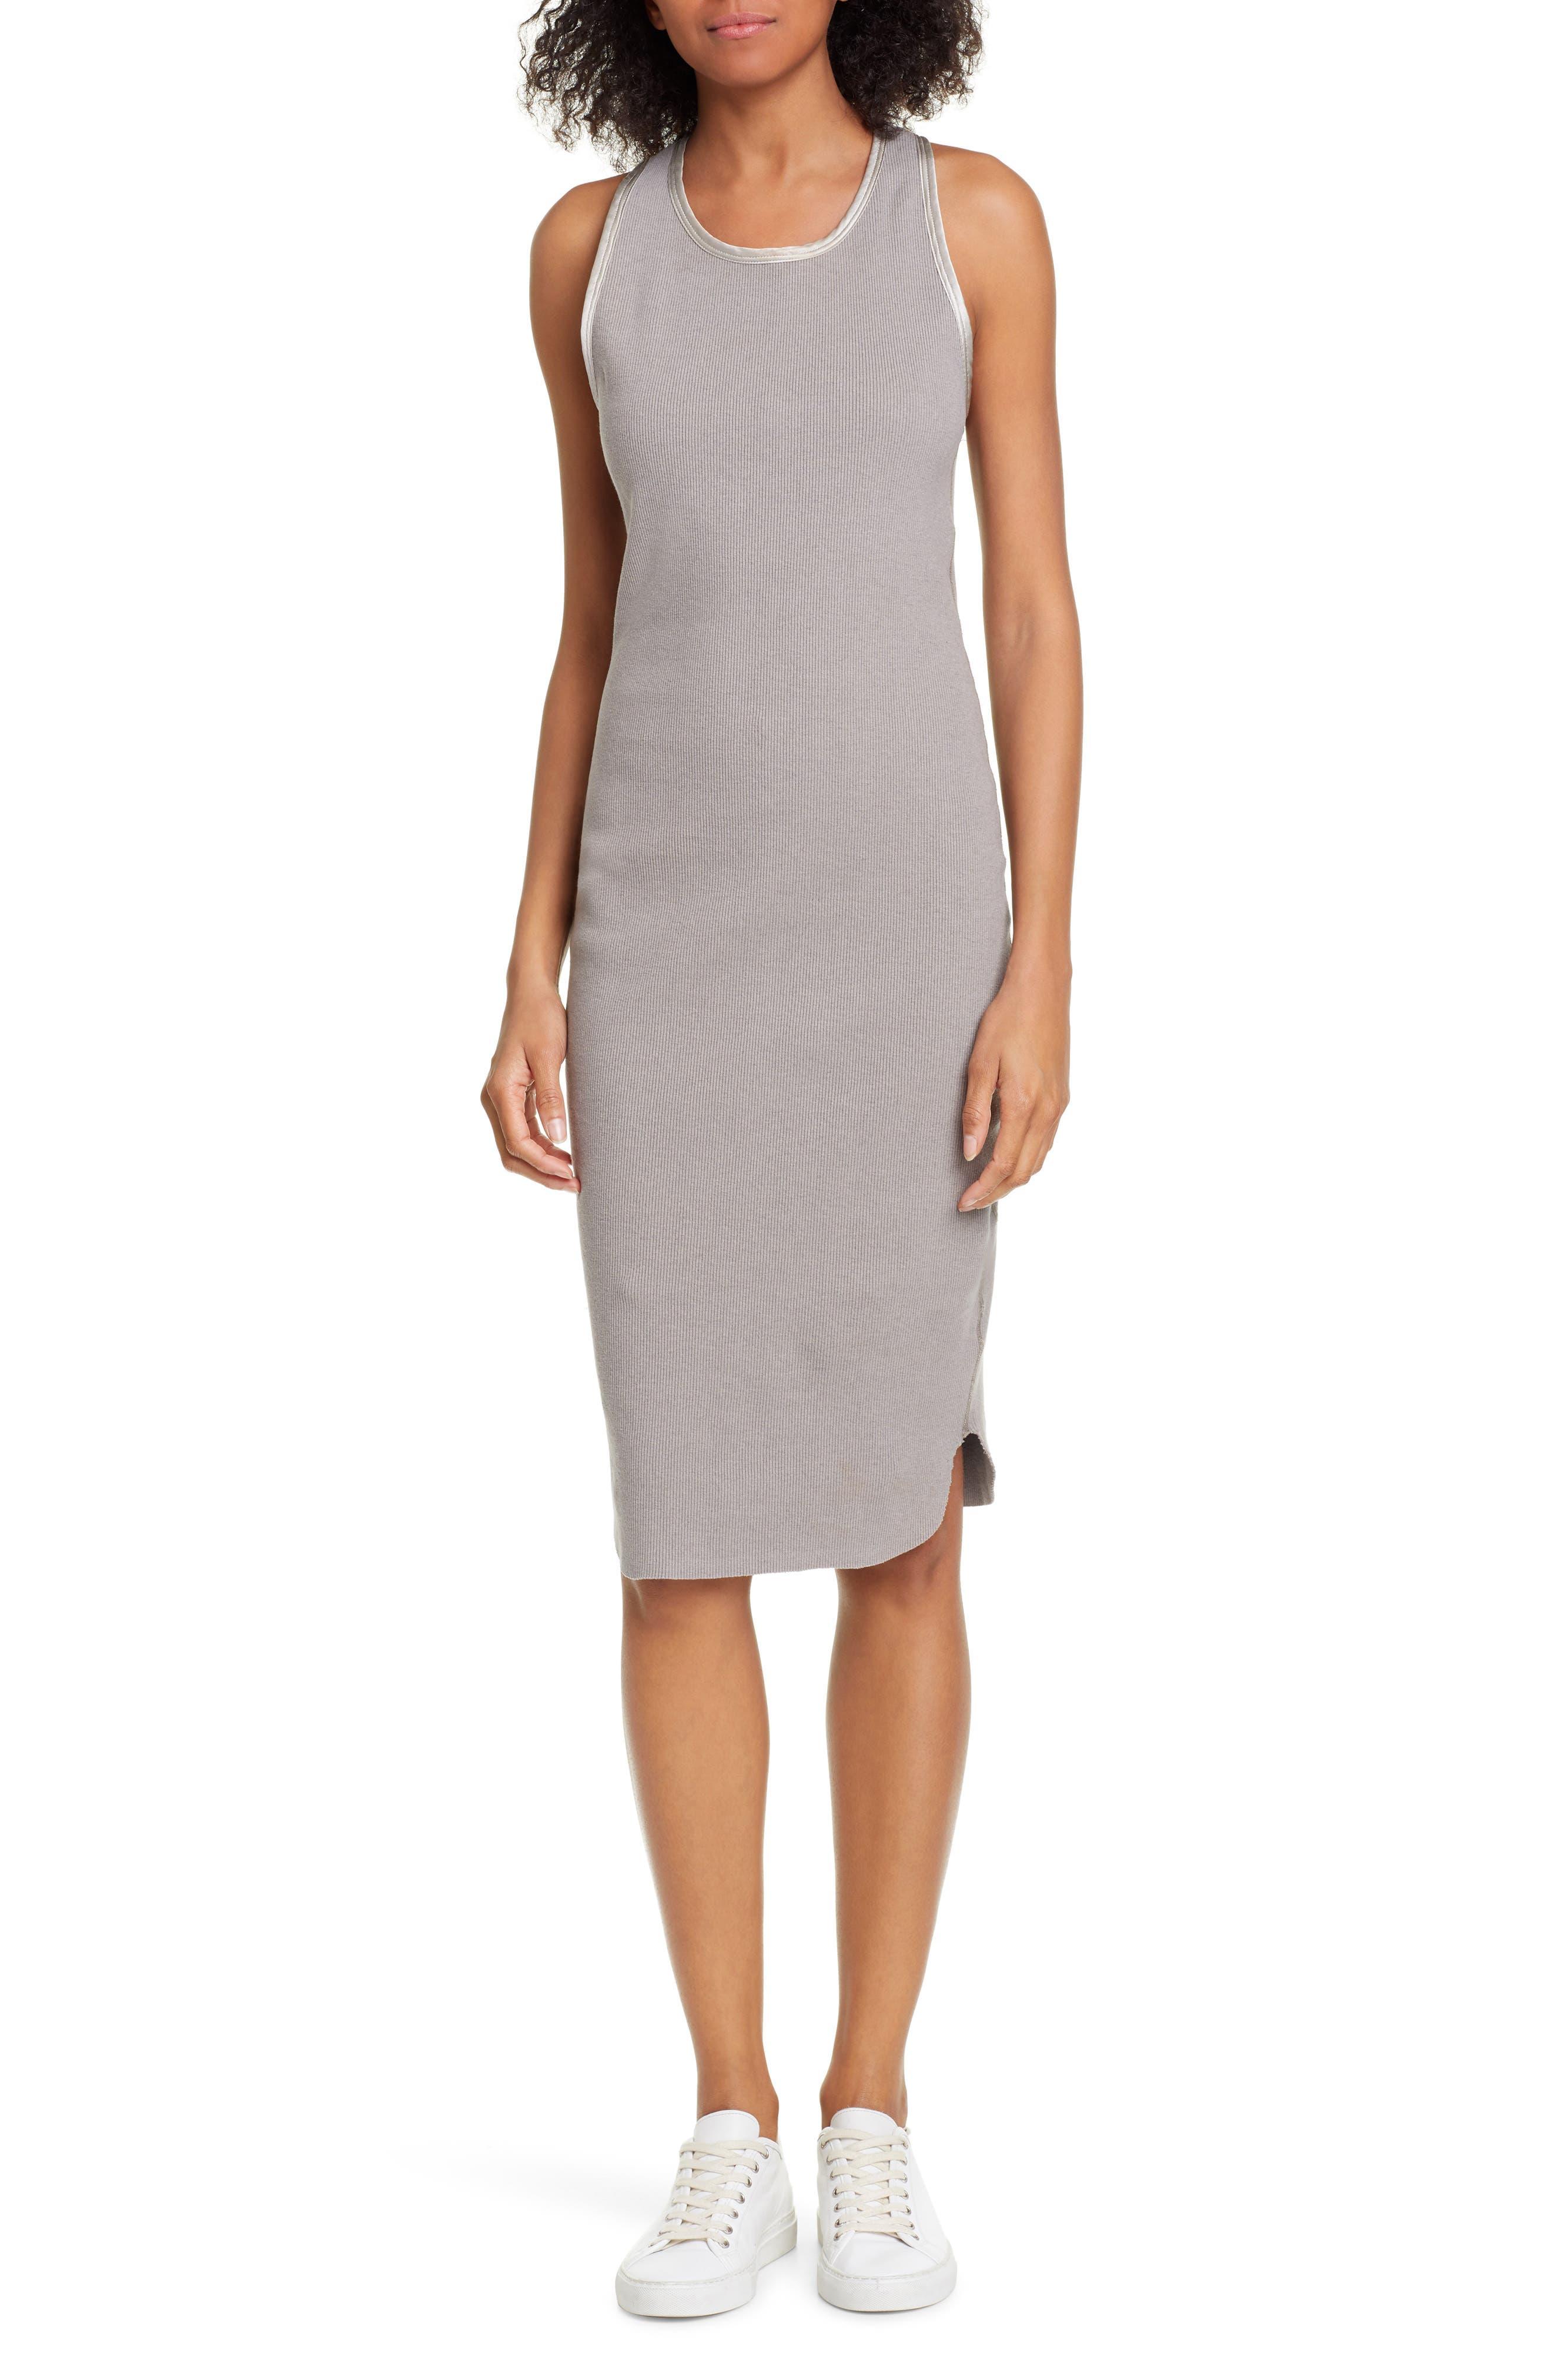 James Perse Satin Trim Rib Knit Tank Dress, Grey